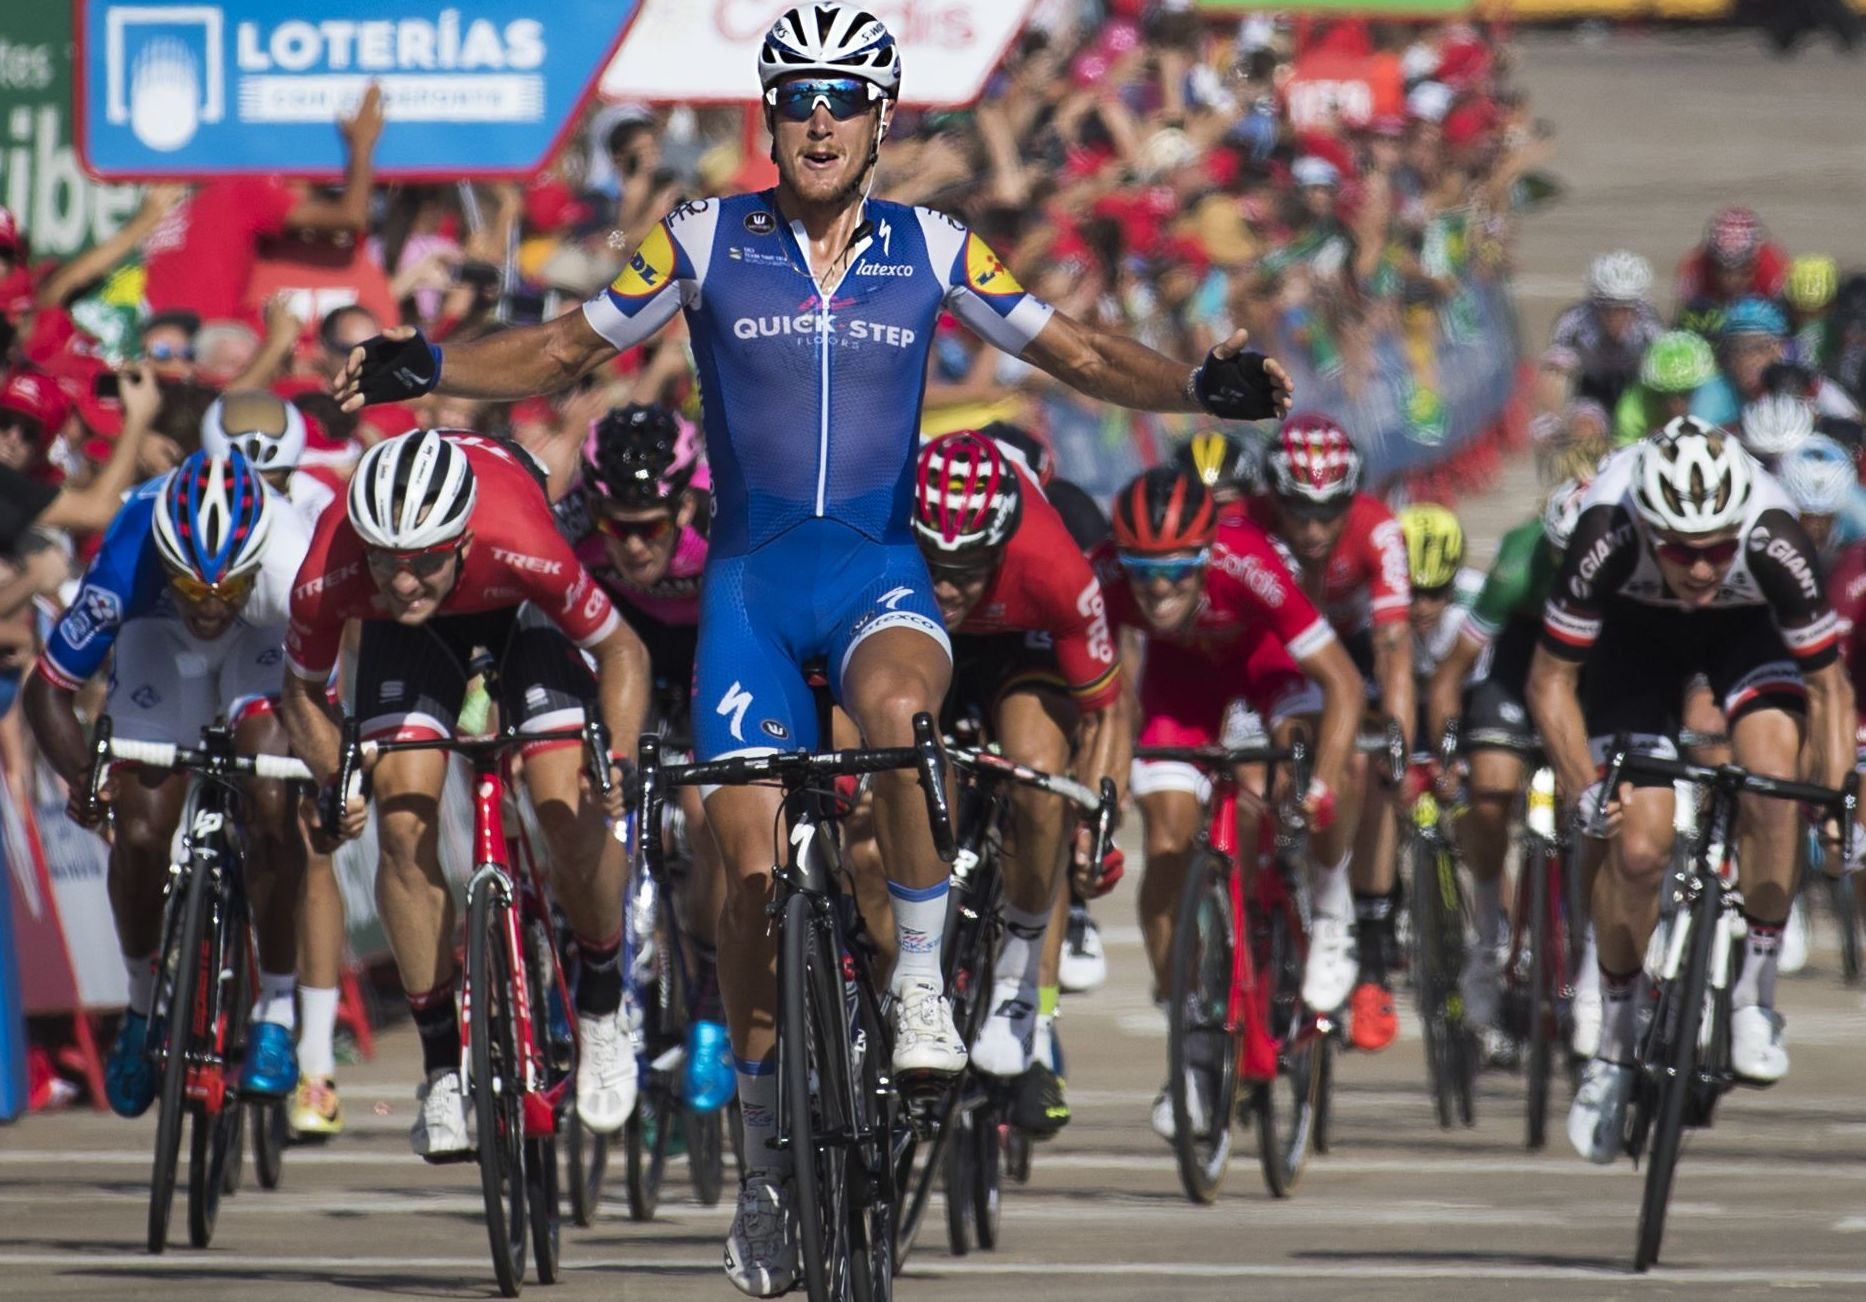 Cyclisme - Vuelta - Vuelta : Trentin gagne au sprint, Froome leader serein